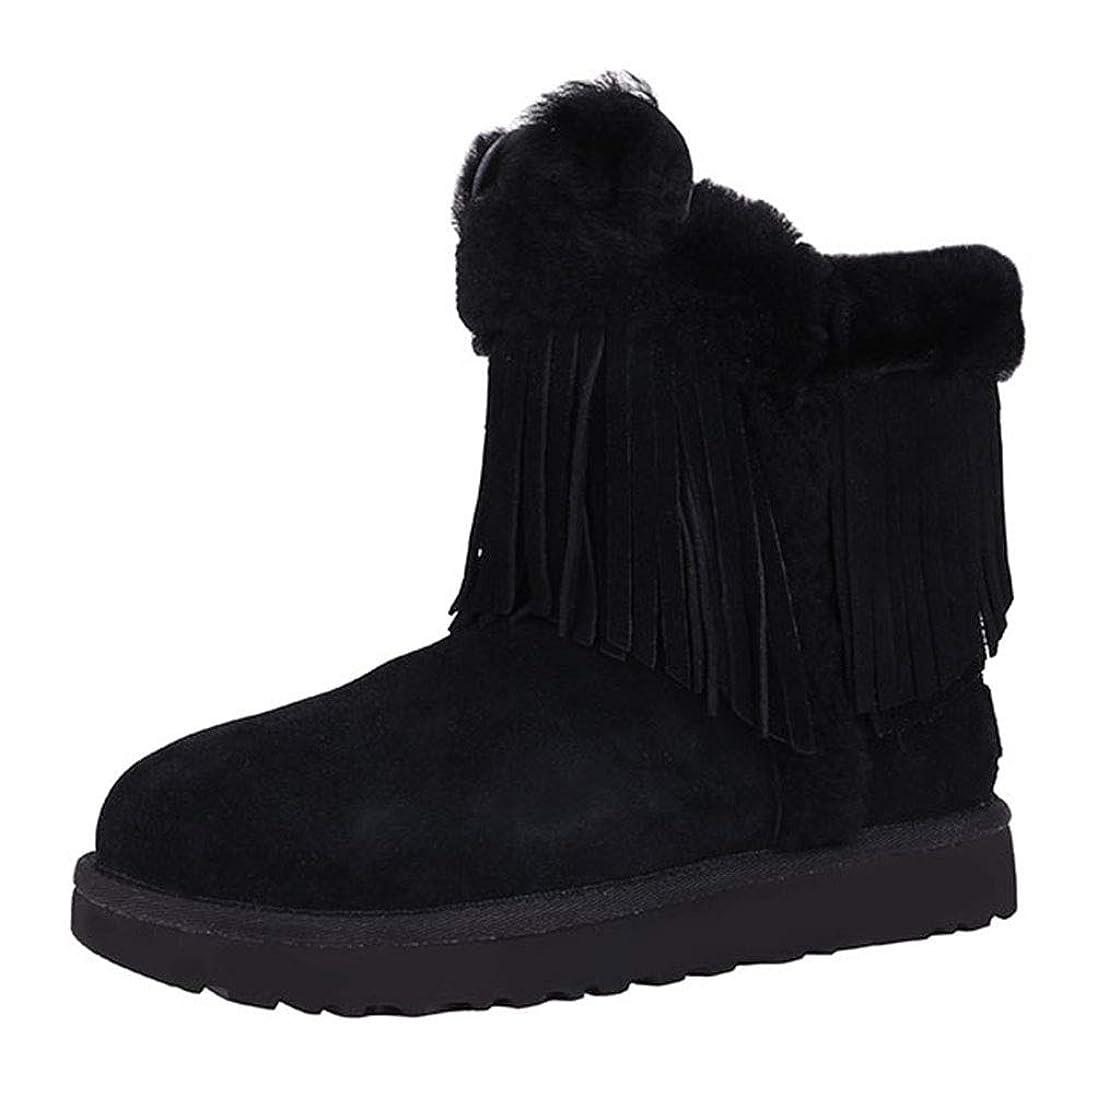 幸運なアジア系統的レディーススノーブーツブーツカジュアルシューズフラットボトムプラスベルベット綿の靴靴防水スノーブーツノンスリップシューズ 安全?保護用品 (Color : Black, Size : 39)